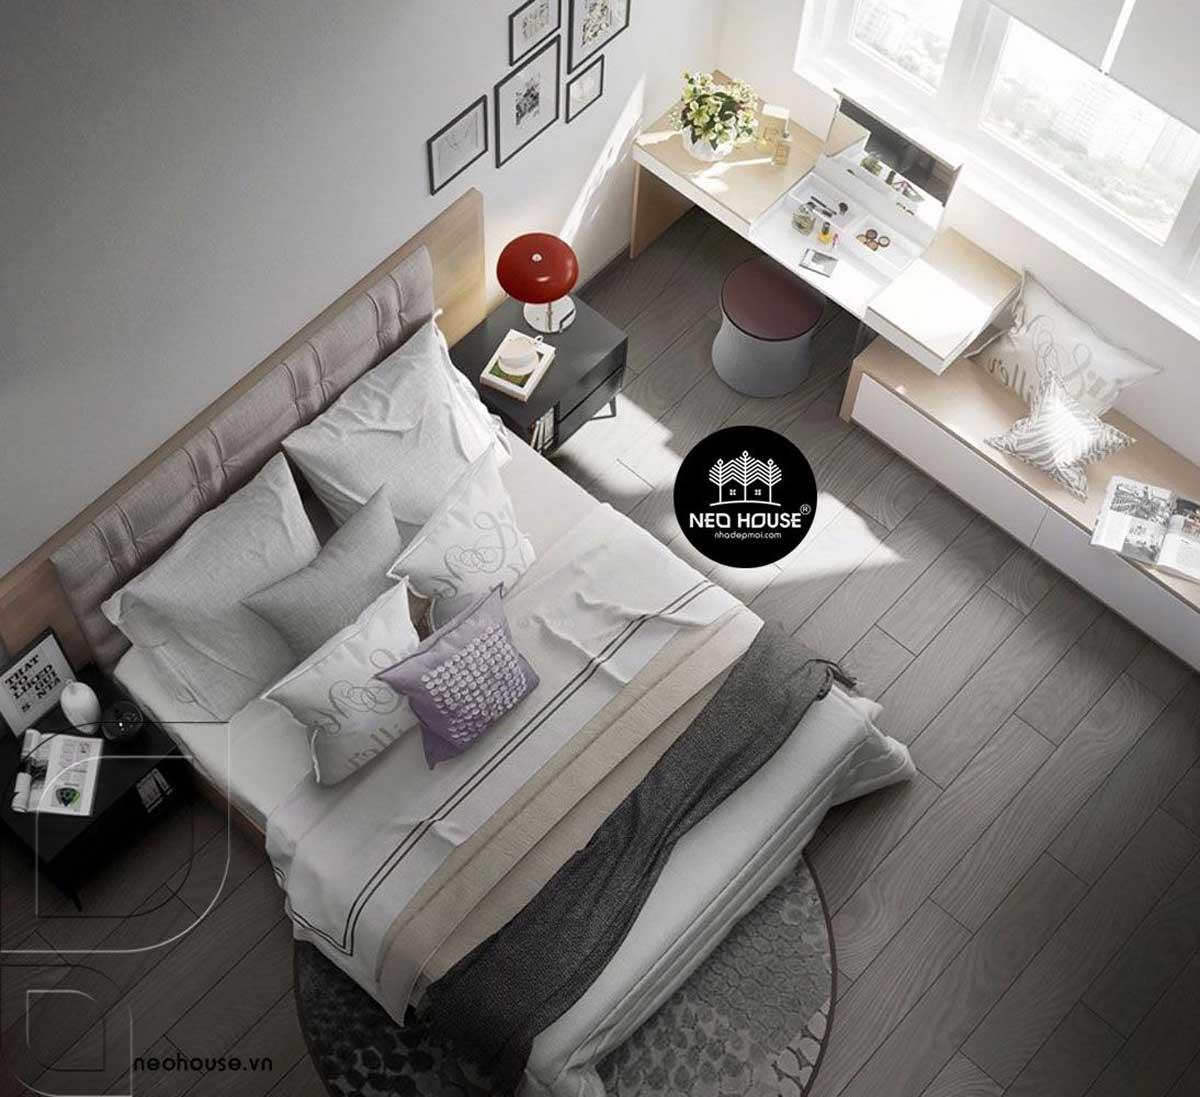 Mẫu thiết kế nội thất phòng ngủ hiện đại. Ảnh 9